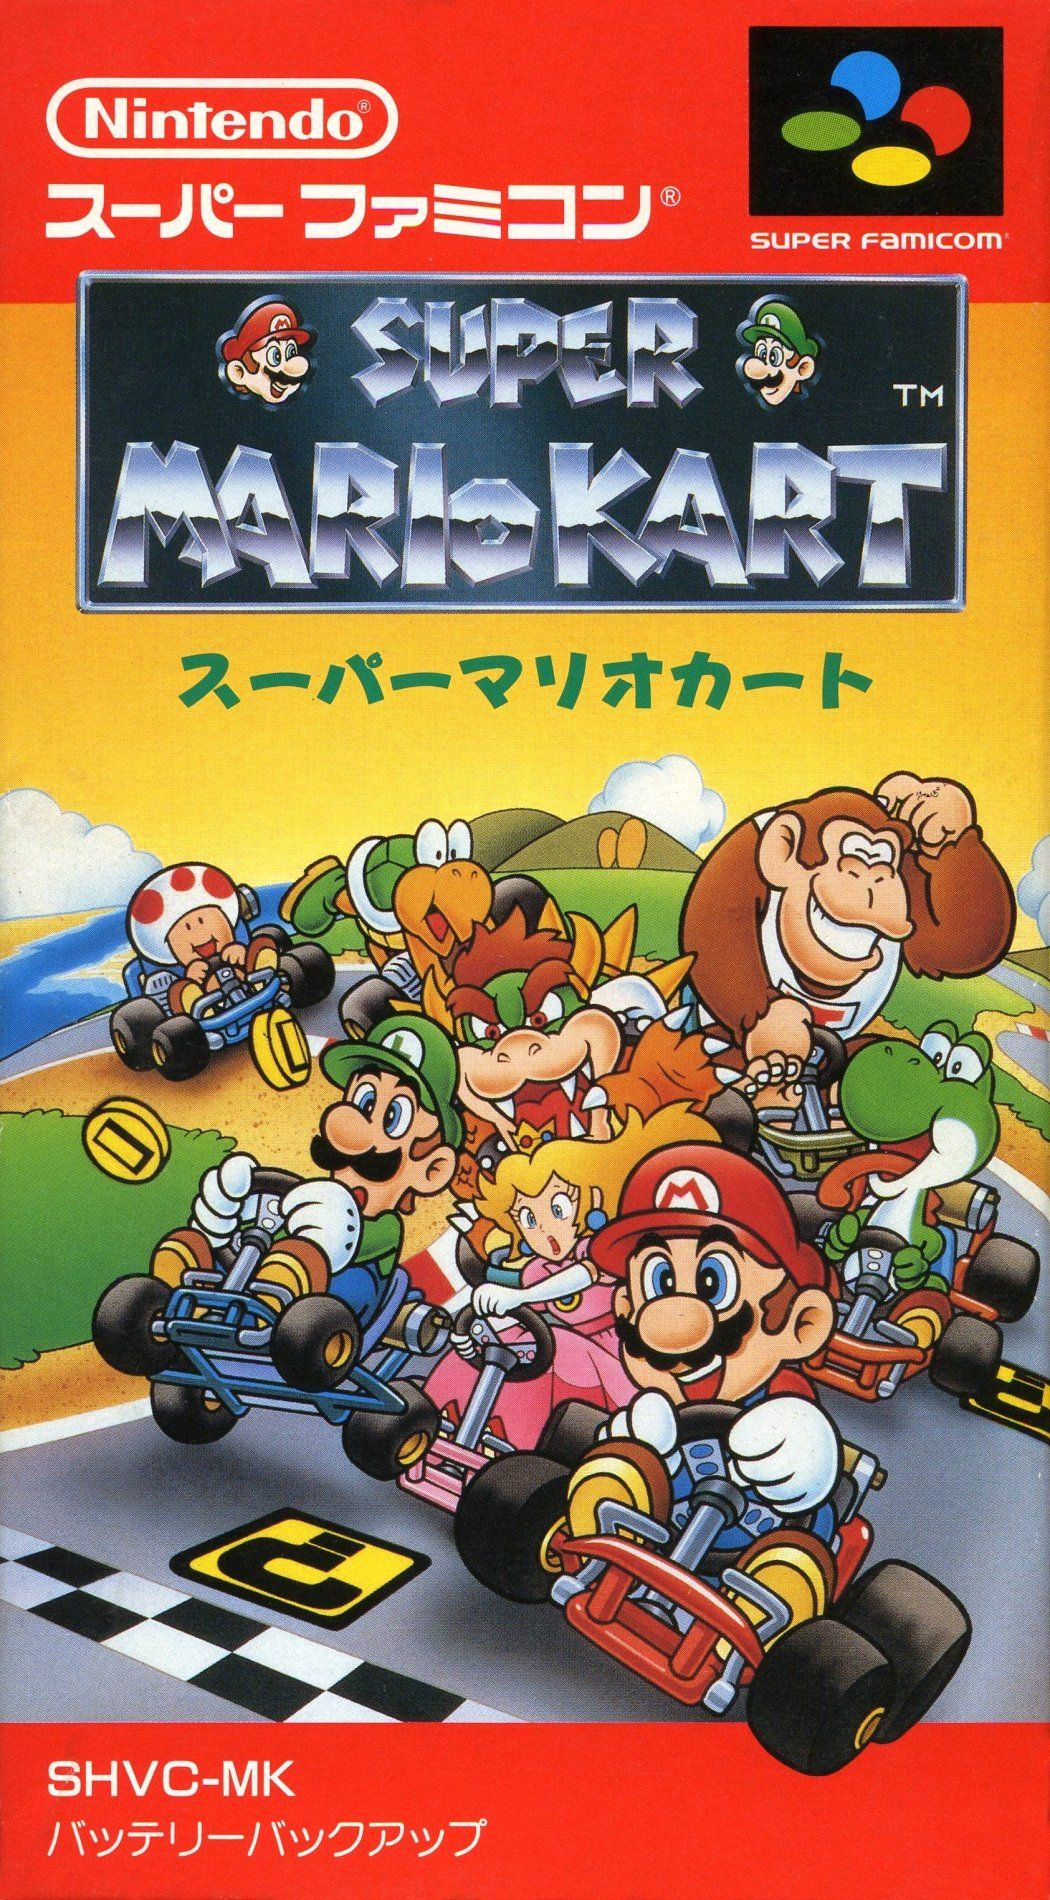 Super Mario Kart Super Famicom Box Cover Art Snes Nintendo Mario Kart Kart Jogos Classicos